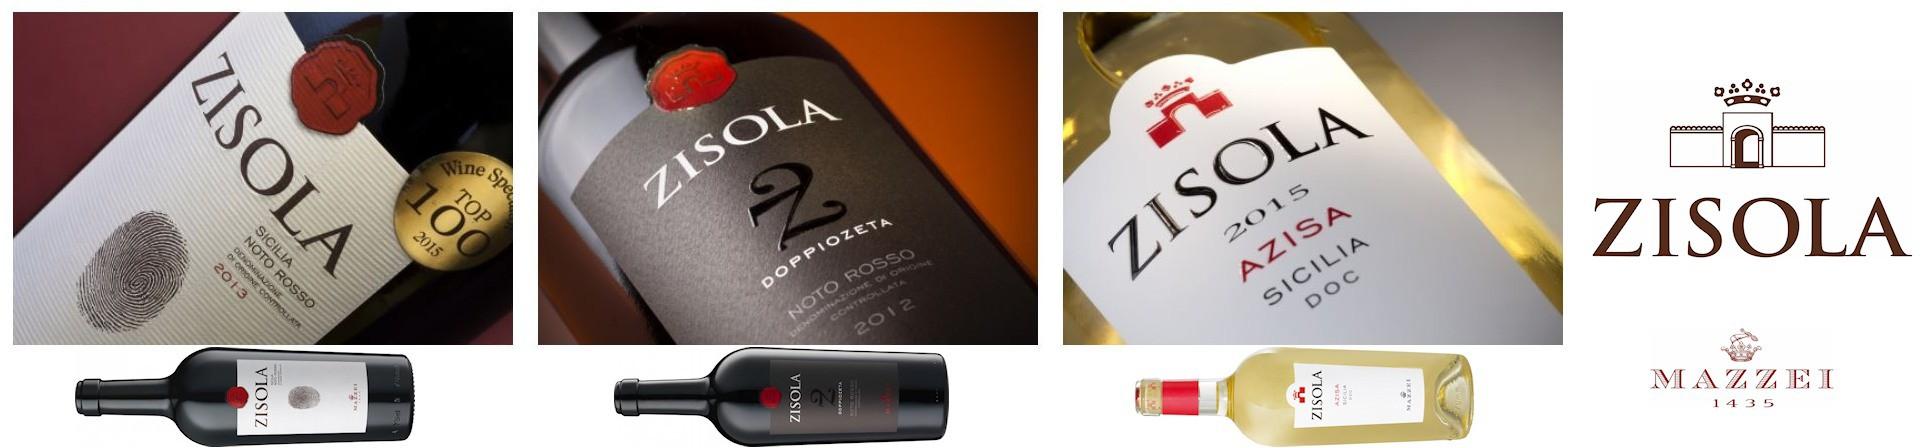 B2B GUSTOX - il Marketplace all'ingrosso delle eccellenze agroalimentari italiane - ZISOLA - Mazzei 1435